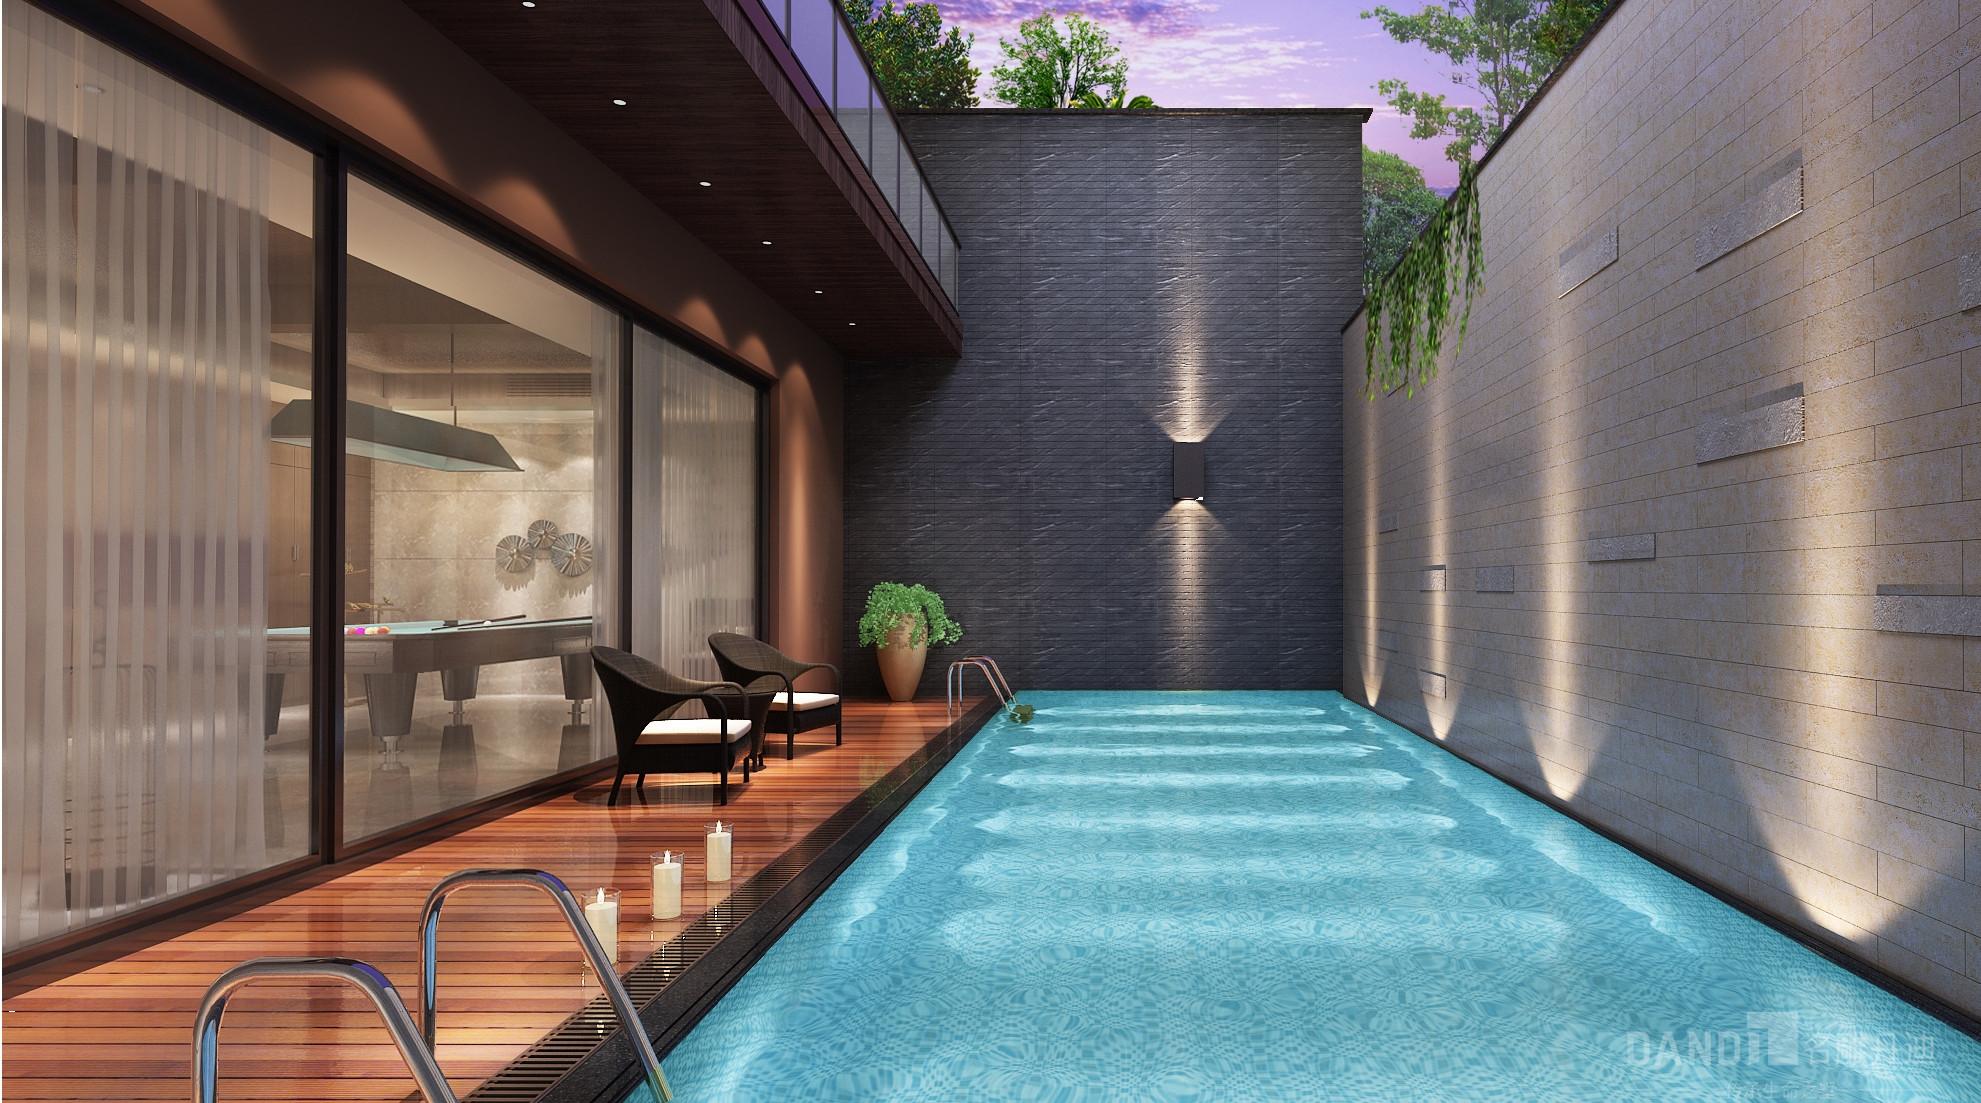 简约 混搭 别墅 新中式 其他图片来自名雕丹迪在万科璞悦山别墅新中式装修风格的分享